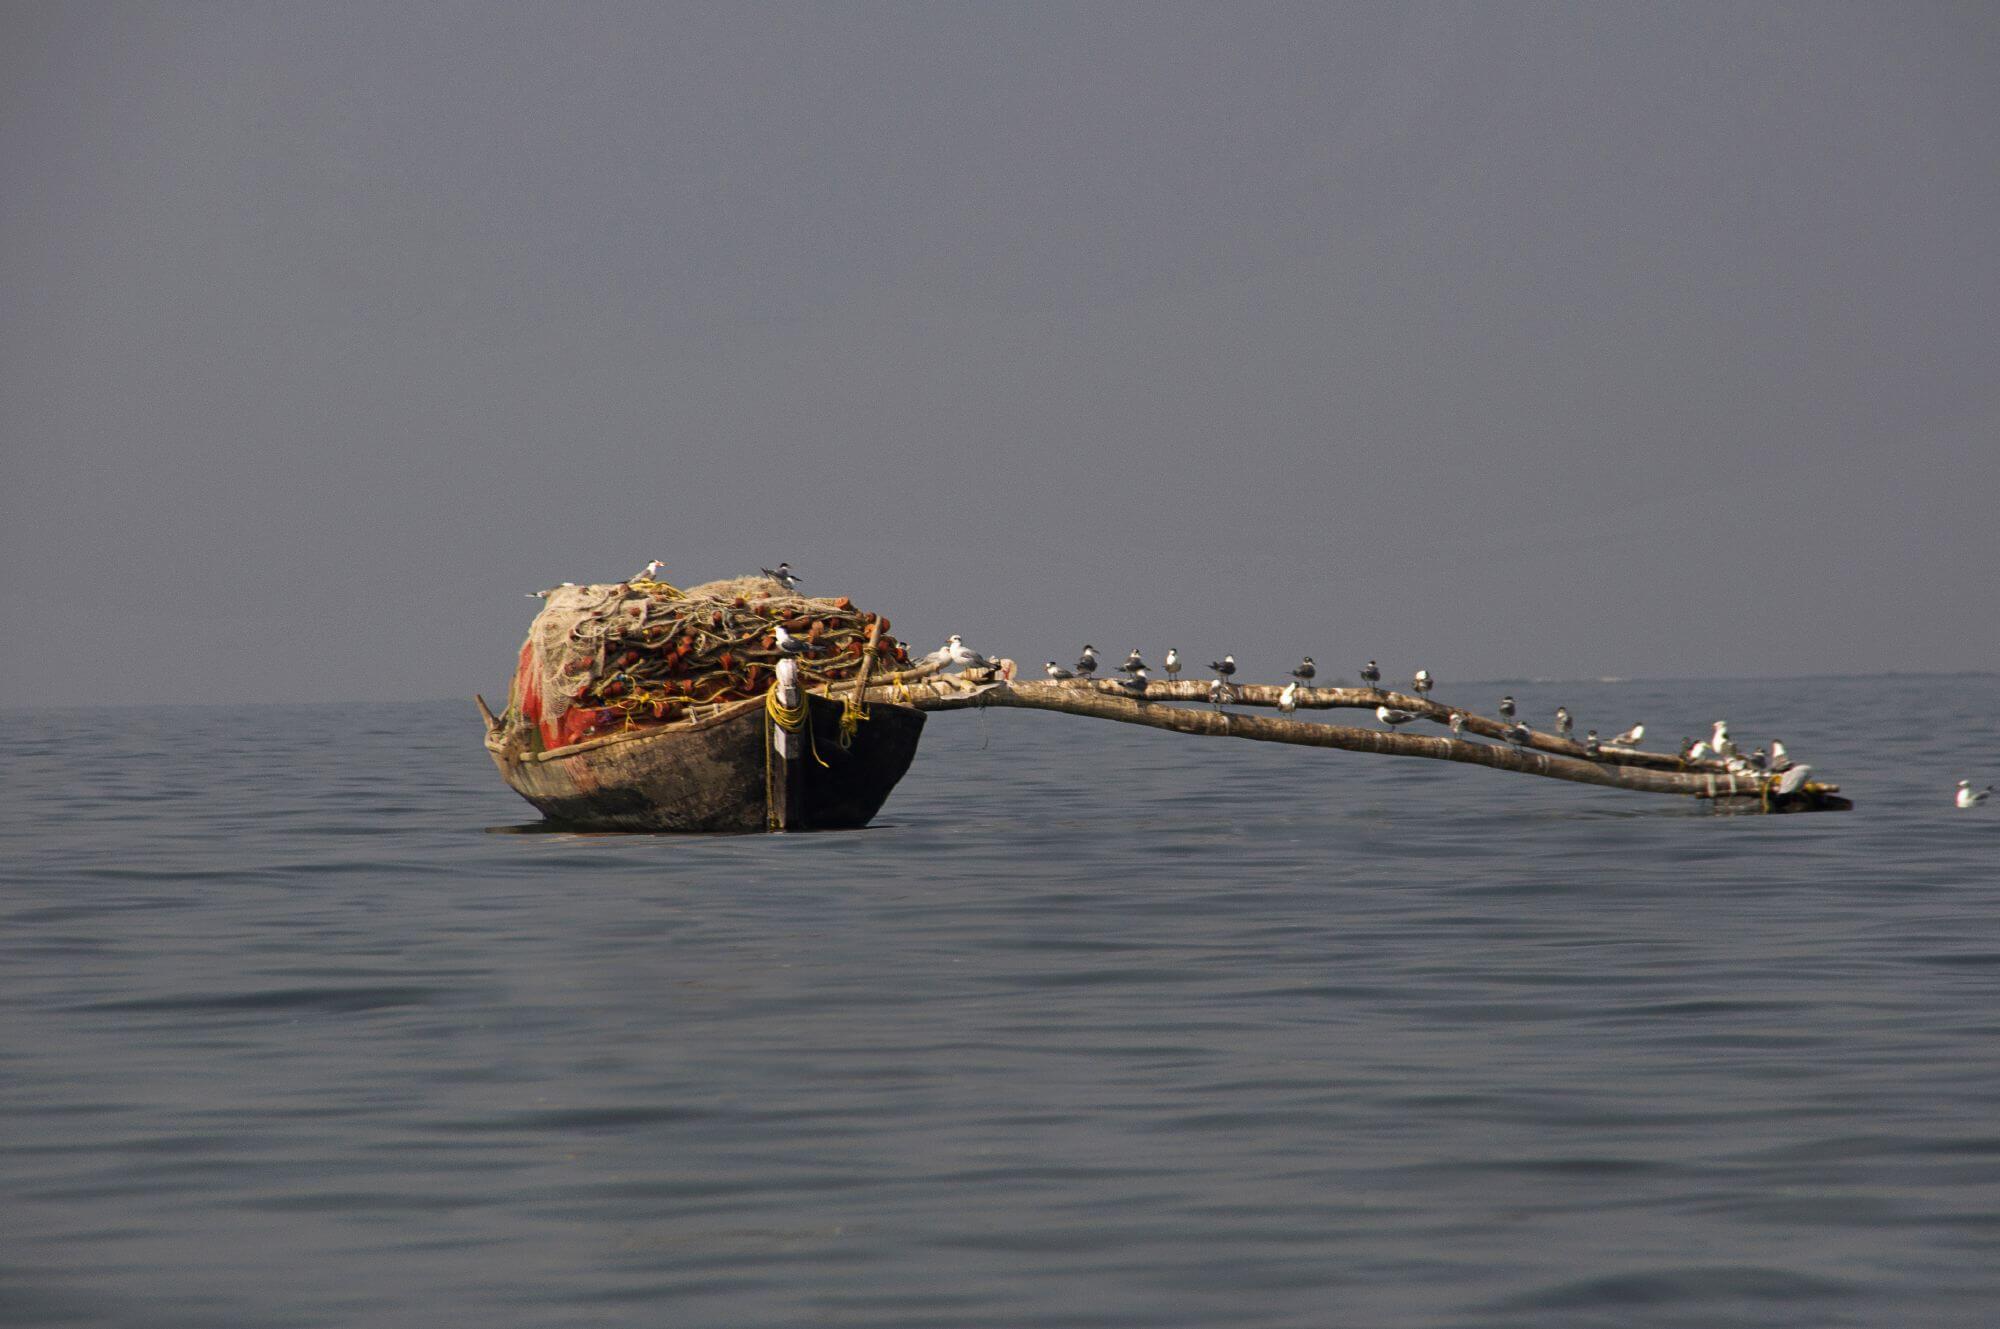 ציפורים נודדות על רשת דייגים - אלגוריה לנפילה ברשת החברתית